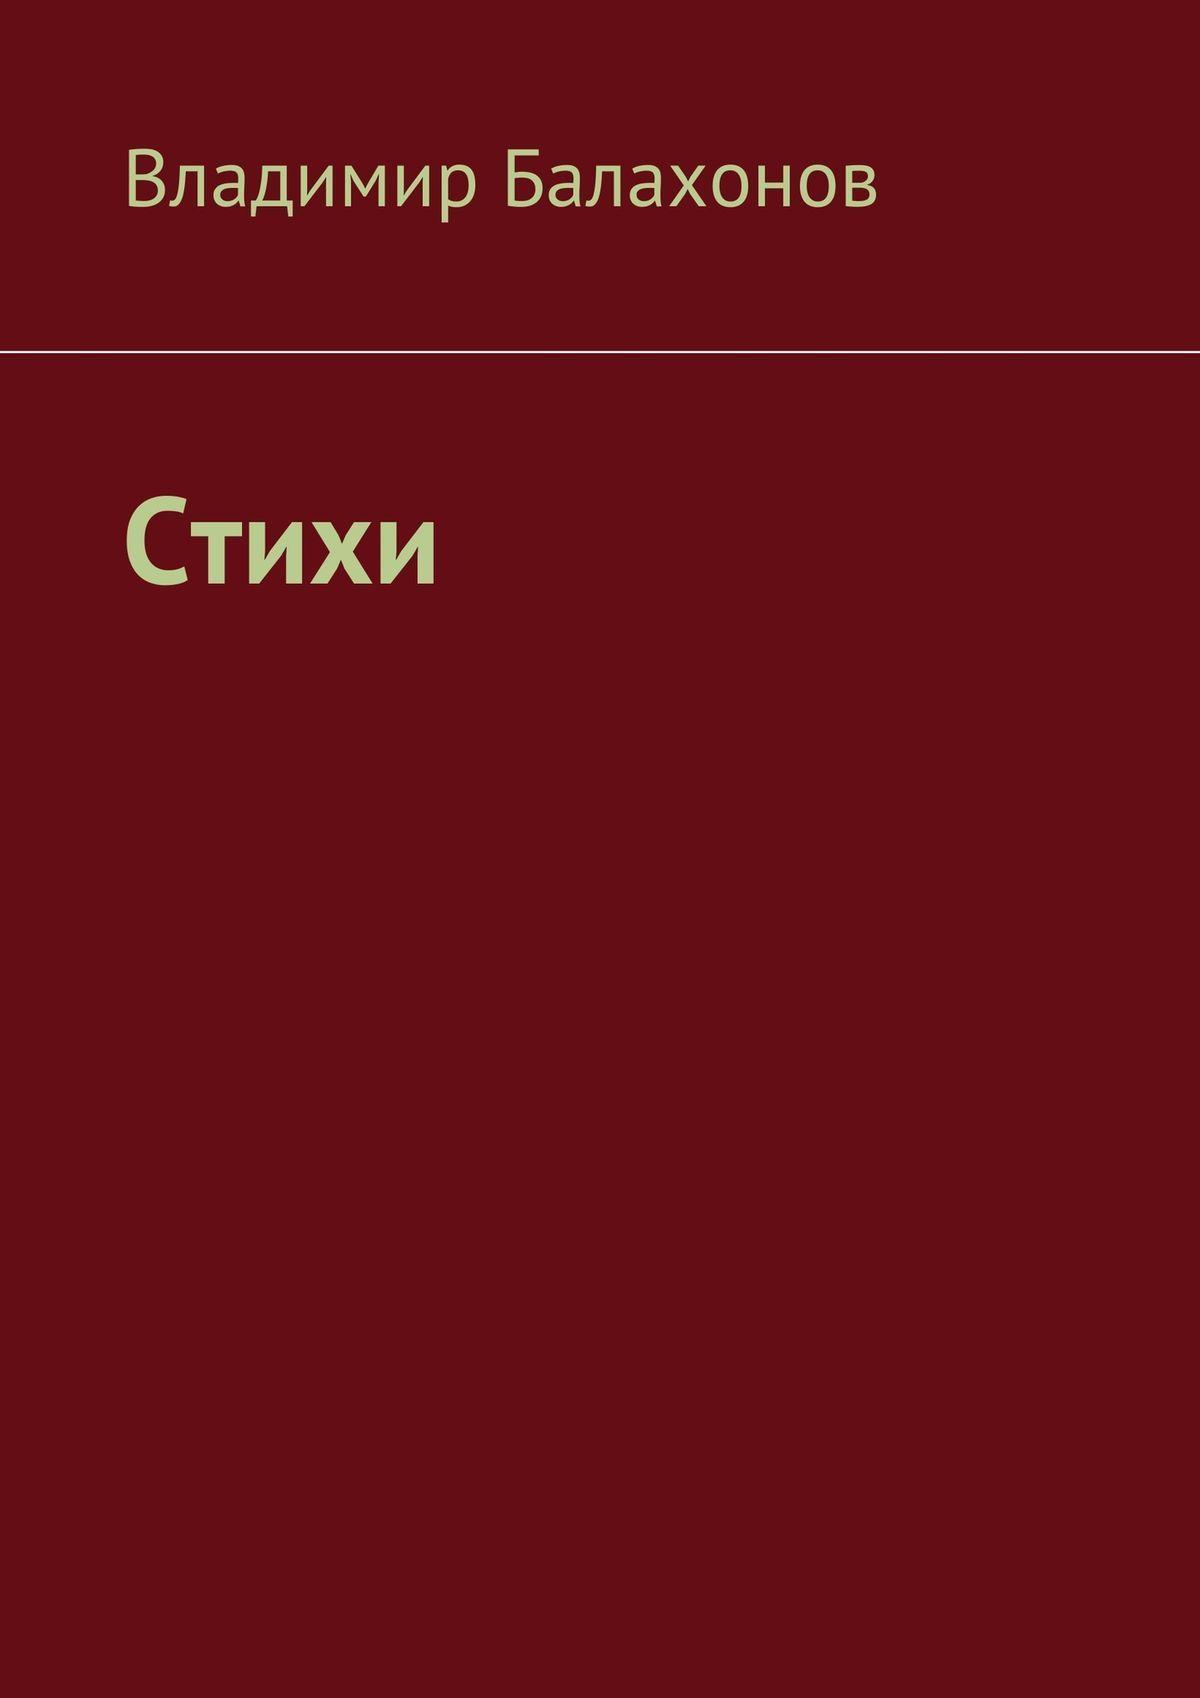 купить Владимир Балахонов Стихи недорого